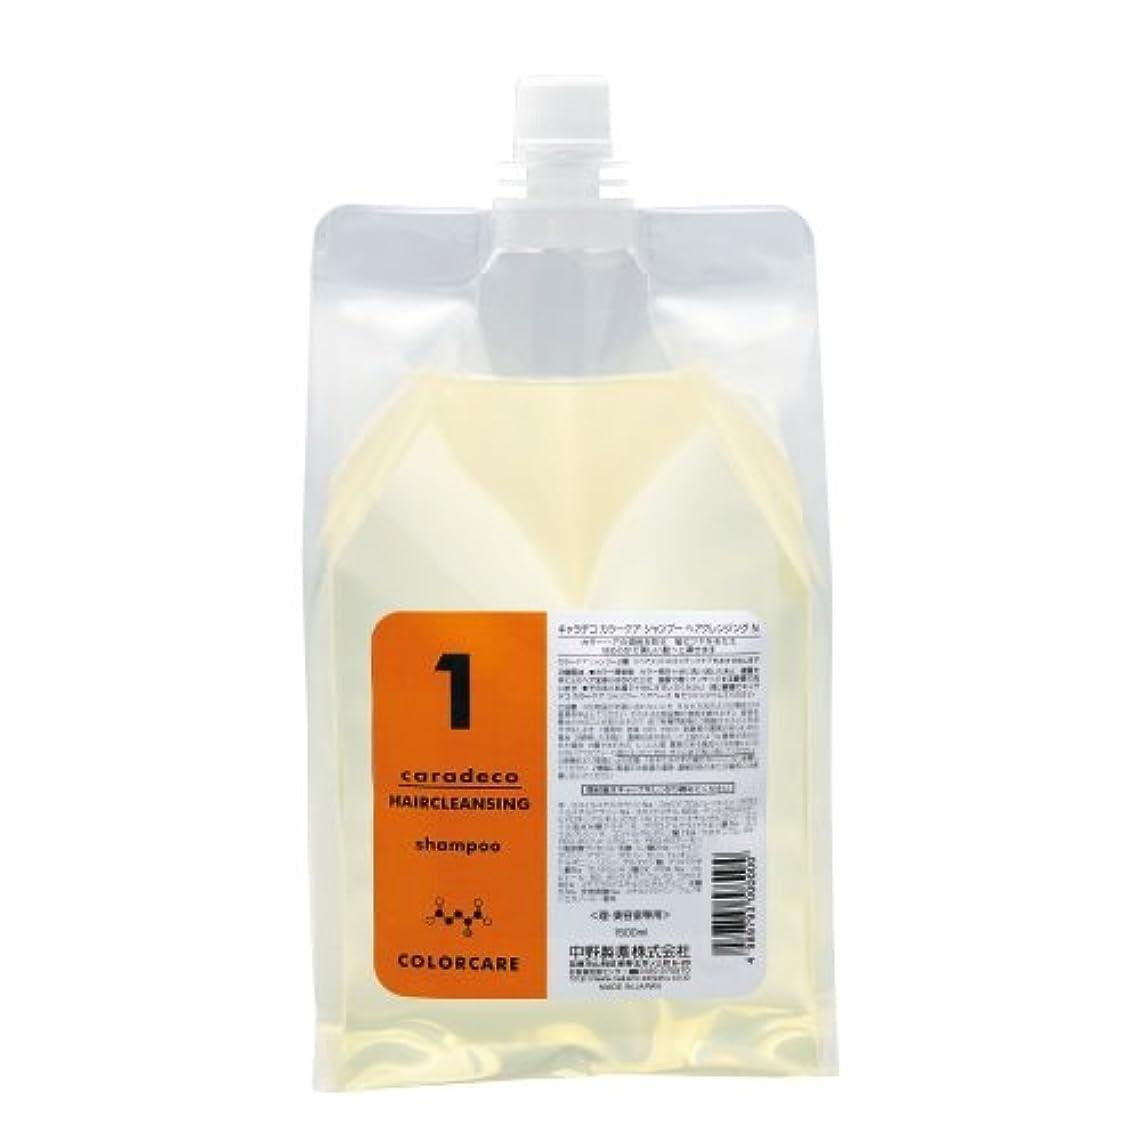 オーバーフローグローバルエスカレーター中野製薬 キャラデコ カラーケア シャンプー ヘアクレンジングN 1500ml